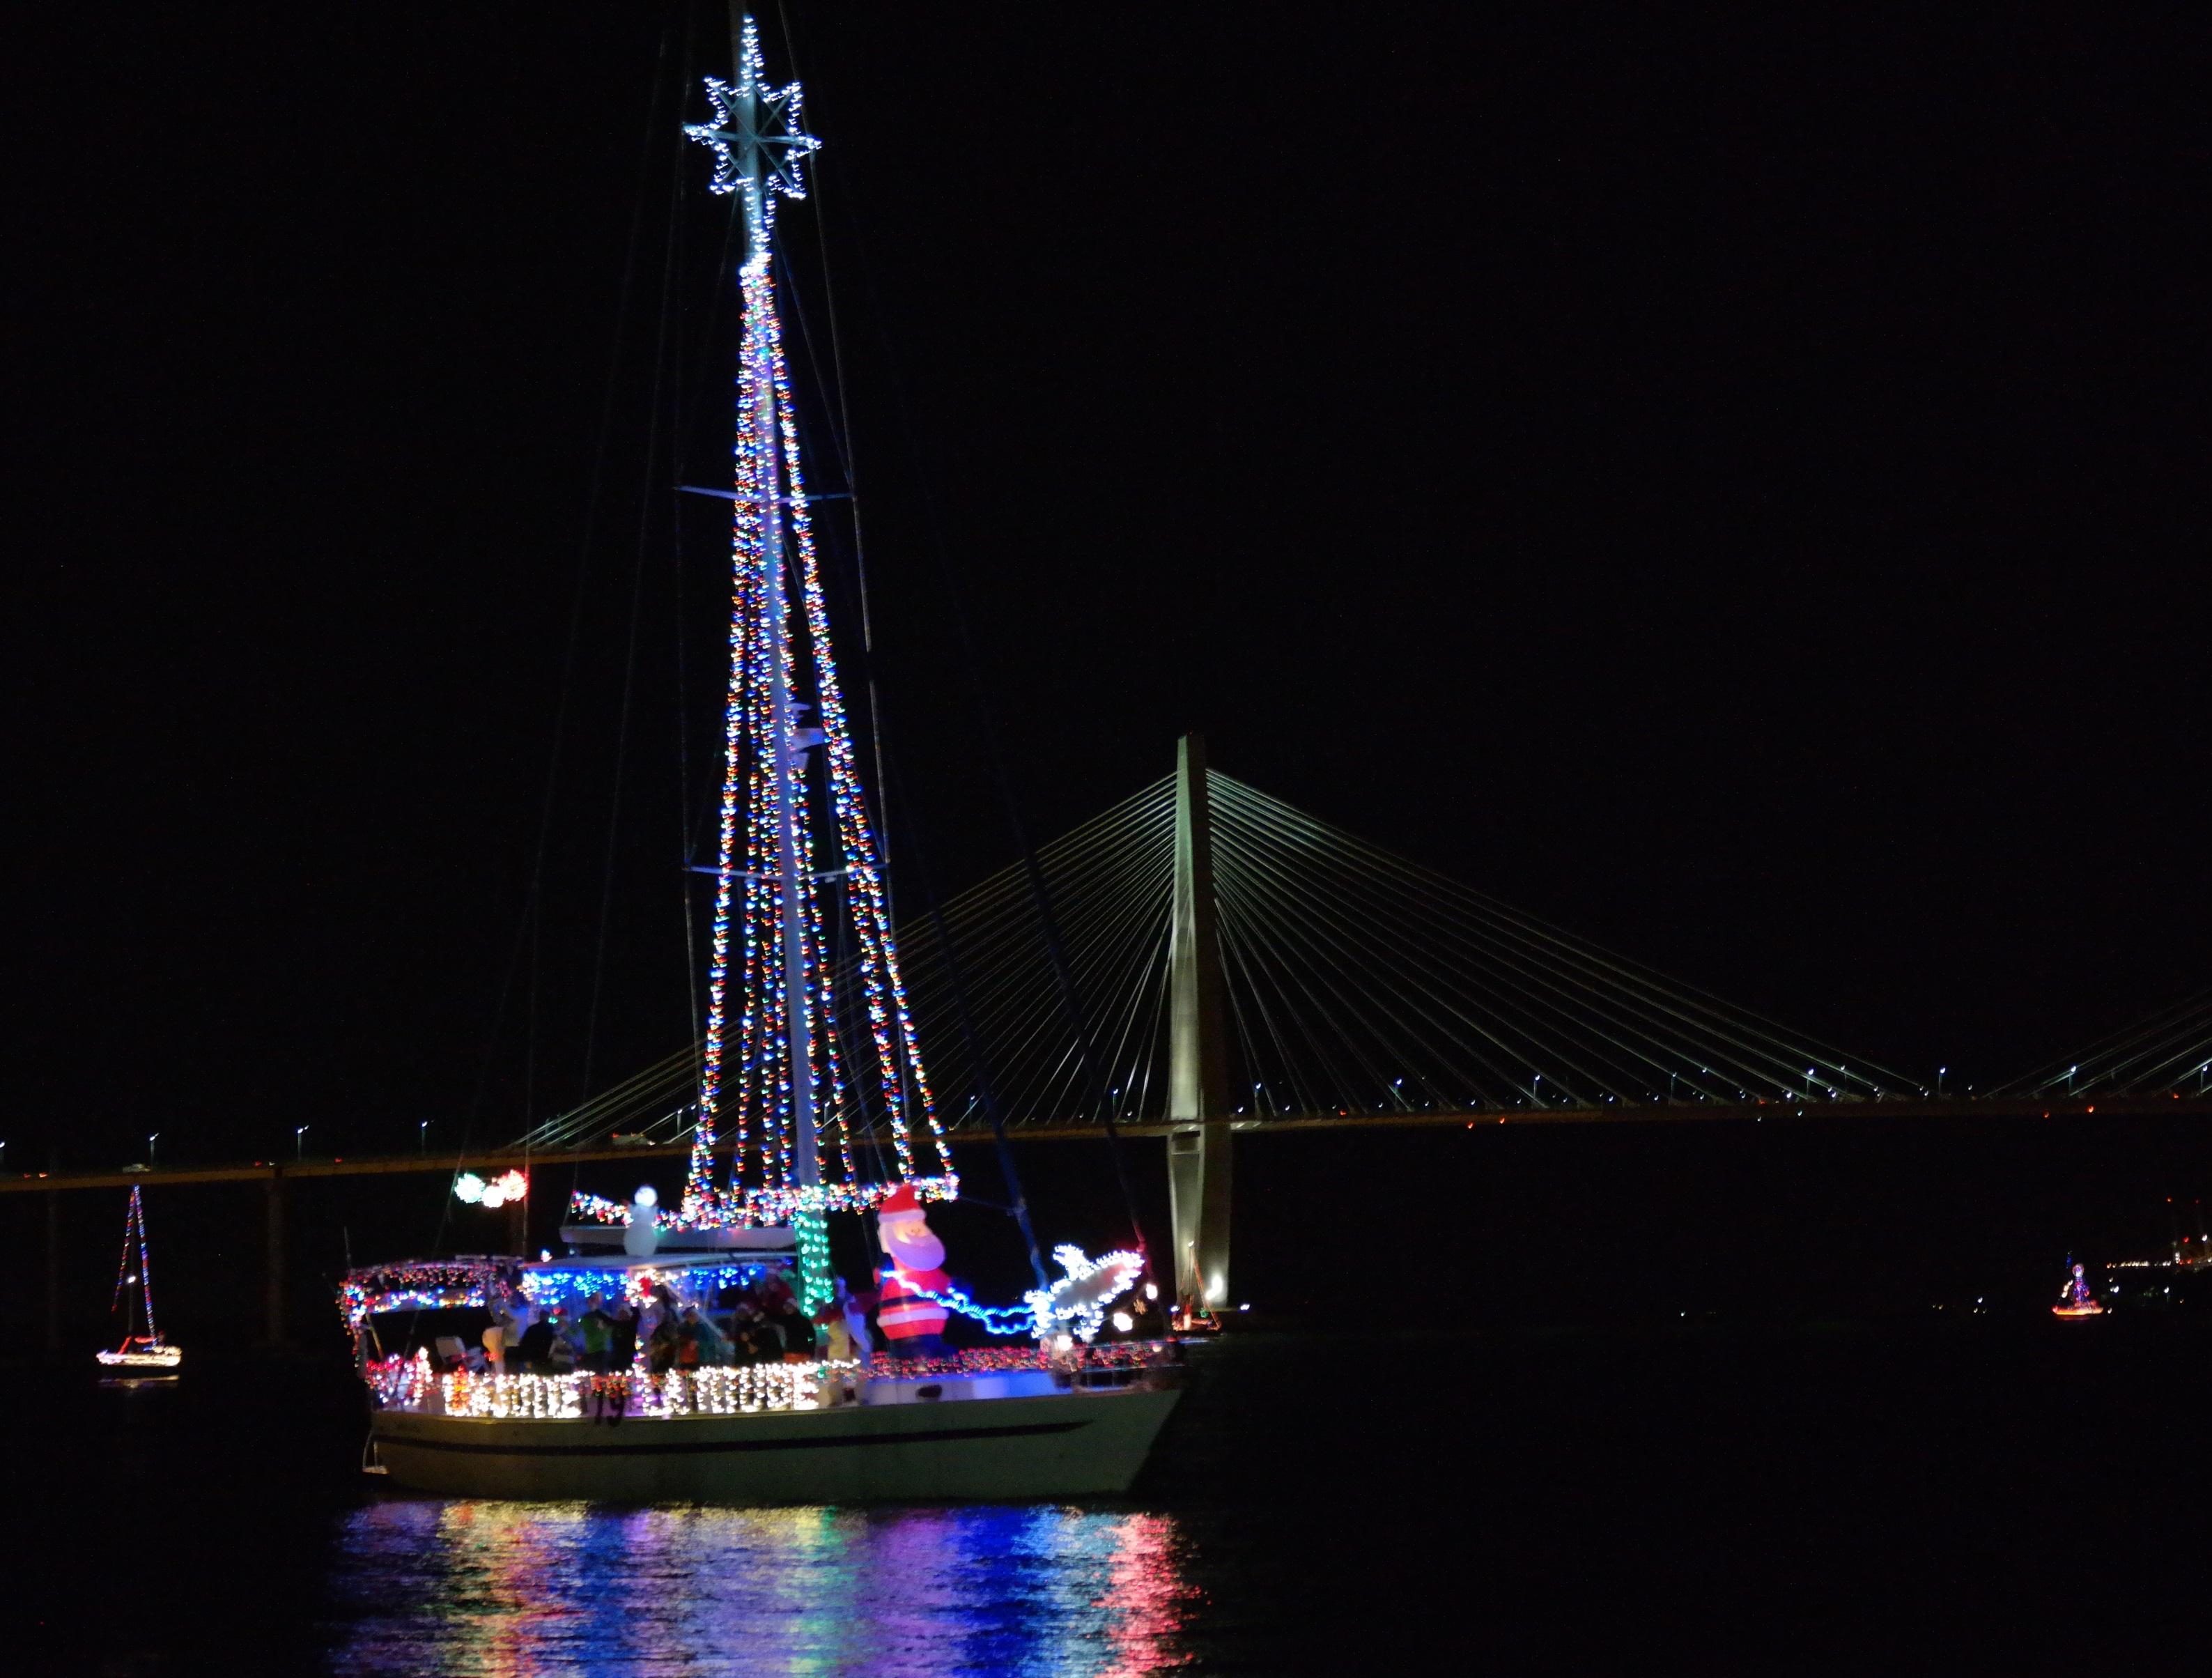 Charleston Parade of Boats